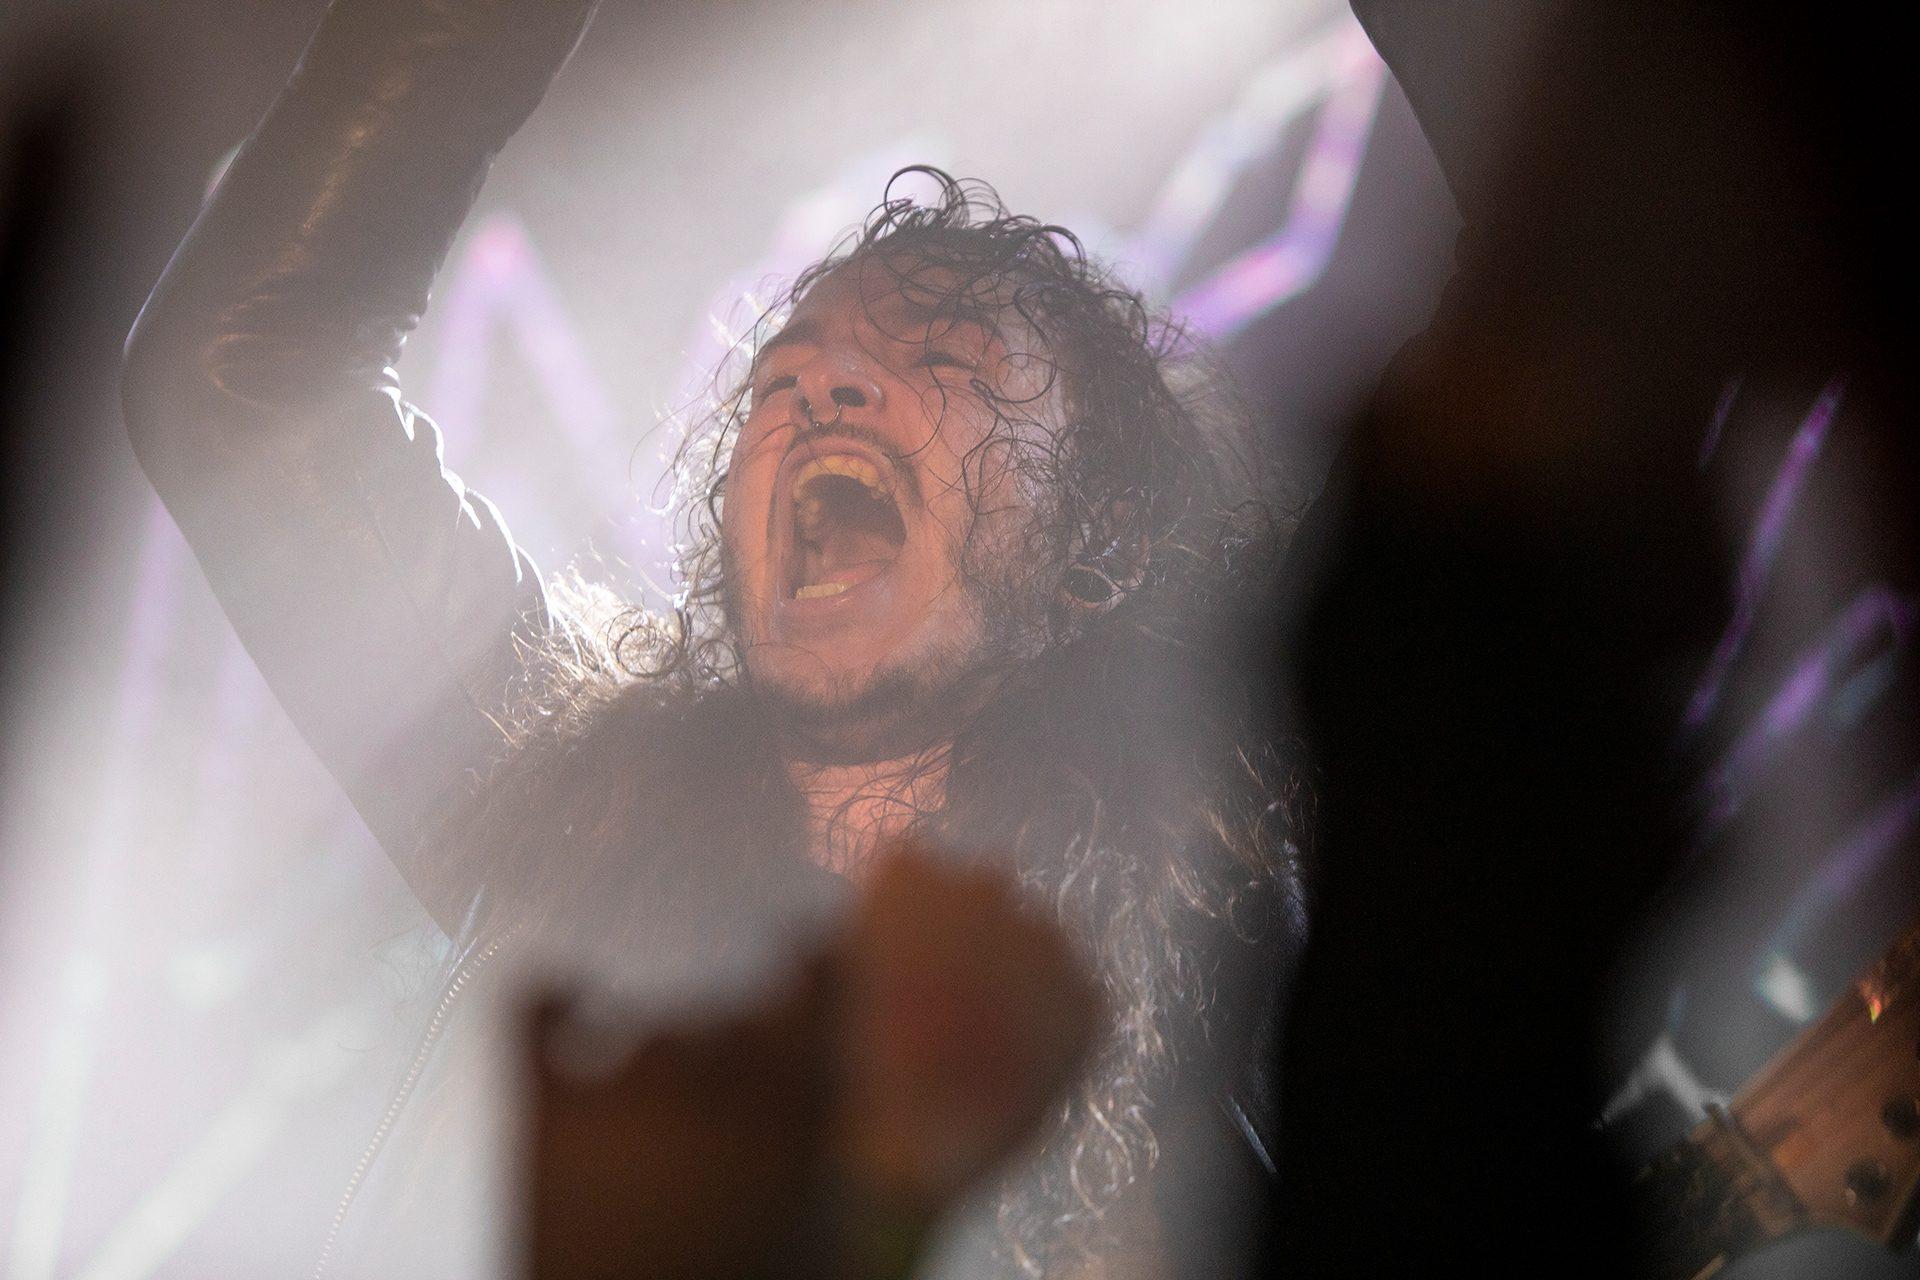 Samy Elbanna, Lost Society, band, Tuska metal festival